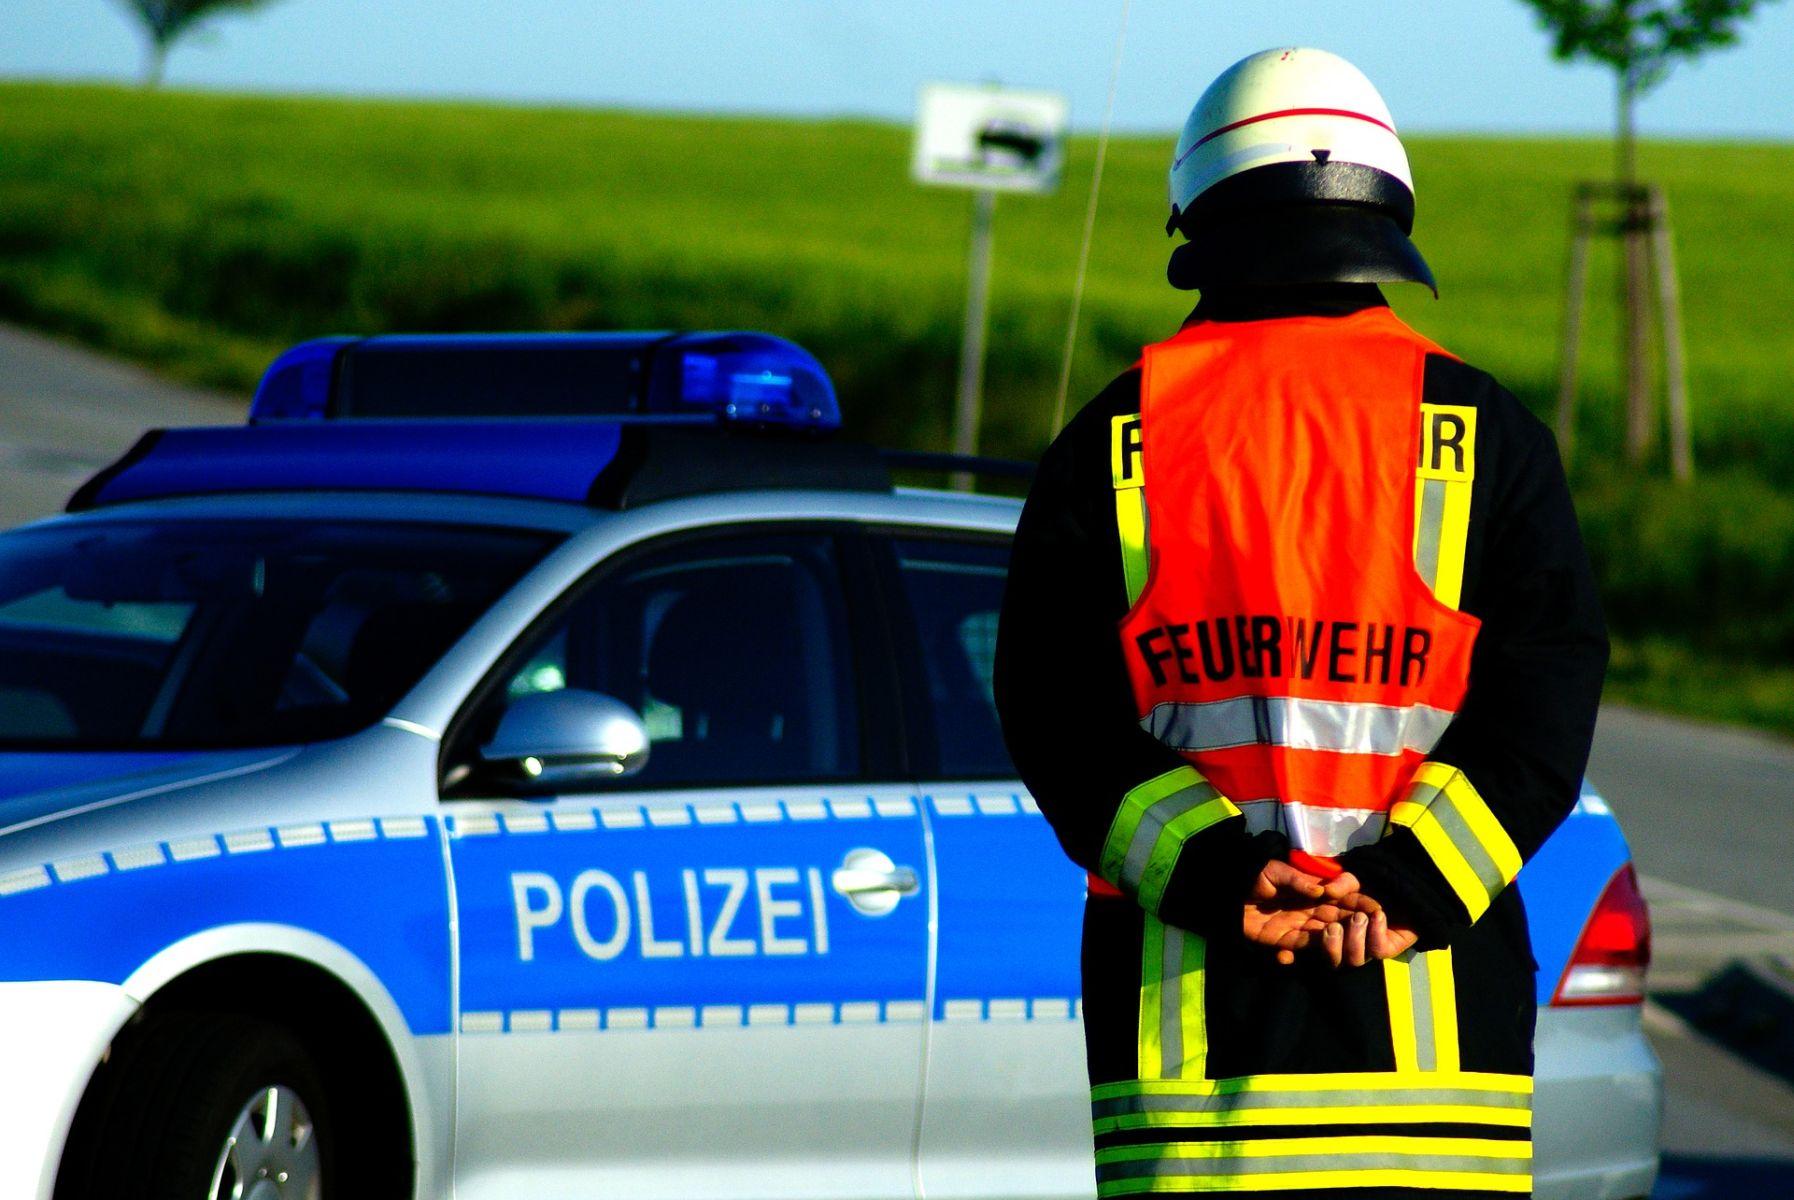 Ein Feuerwehrmann vor einem Polizei-Auto